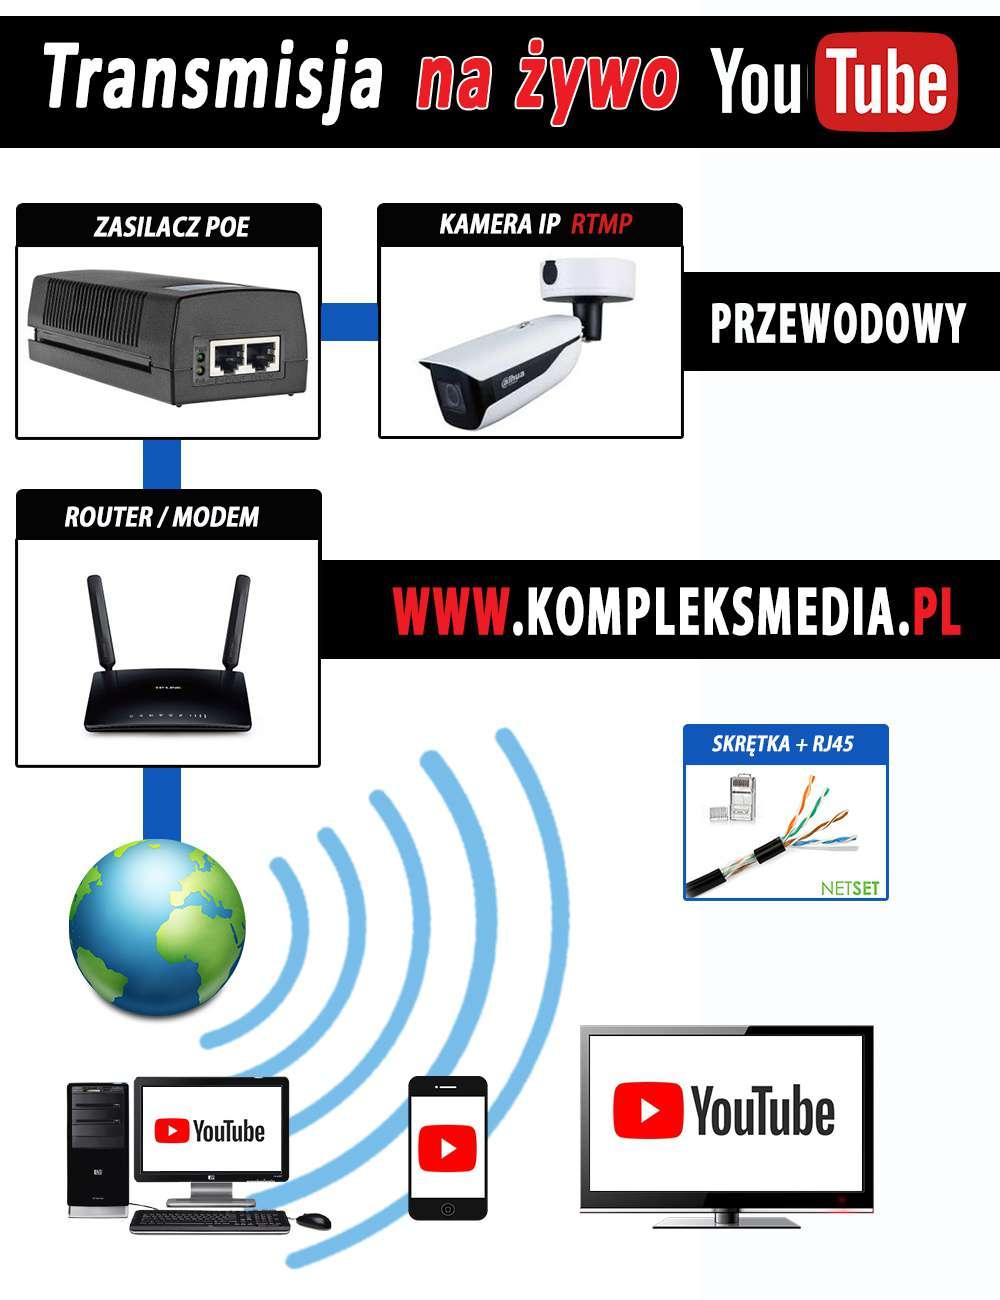 Schemat połączeniowy z adapterem PoE i kamerą do streamingu